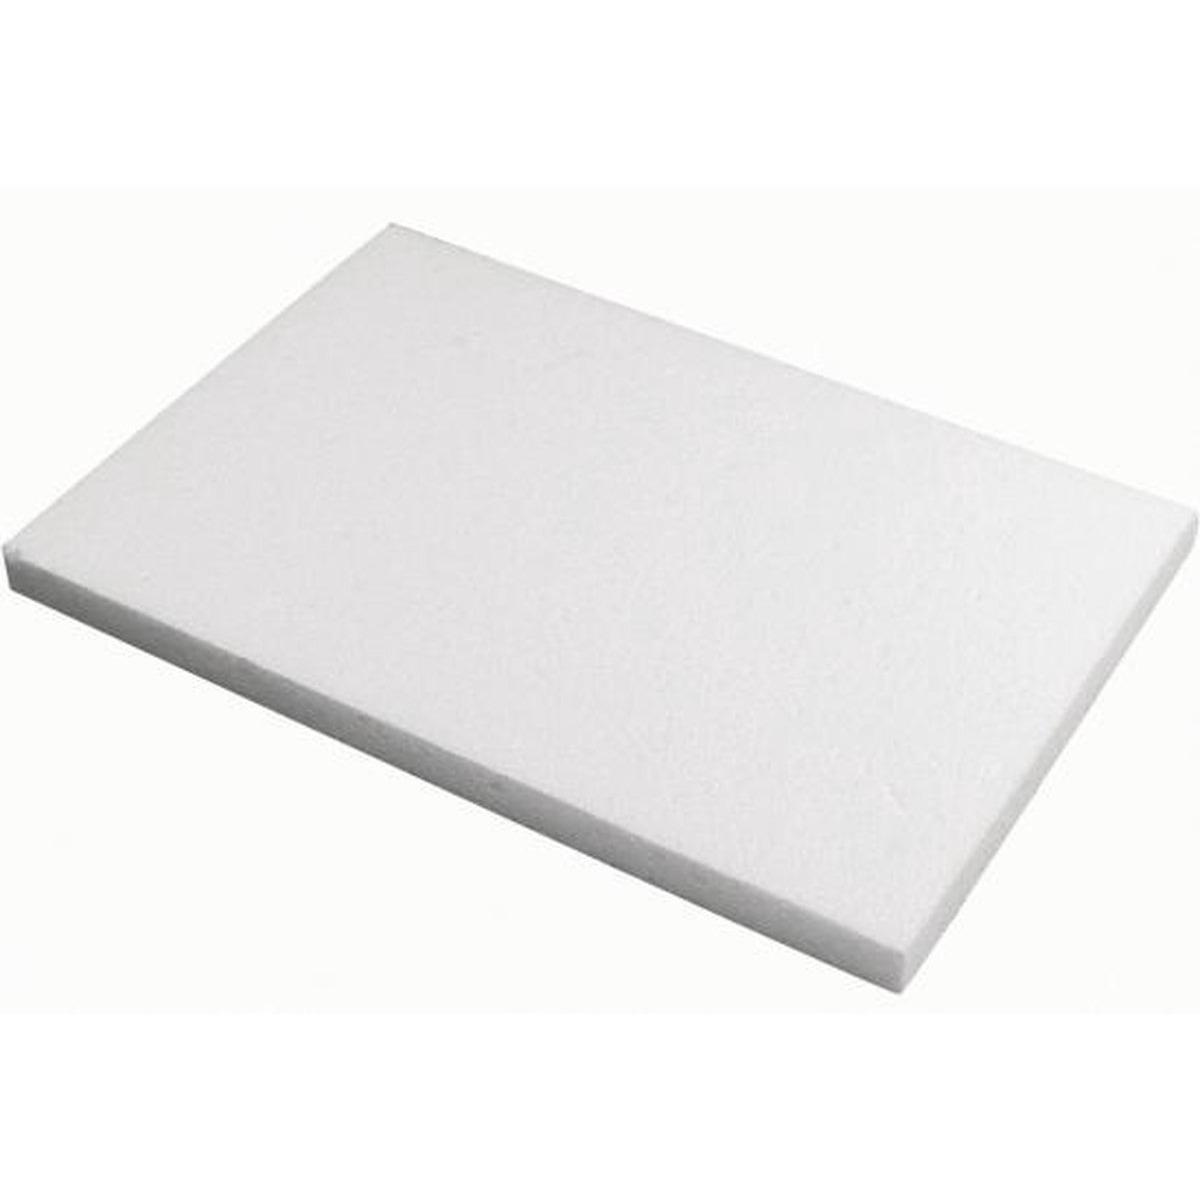 Piepschuim knutsel plaat-platen van 20 x 30 x 2 cm